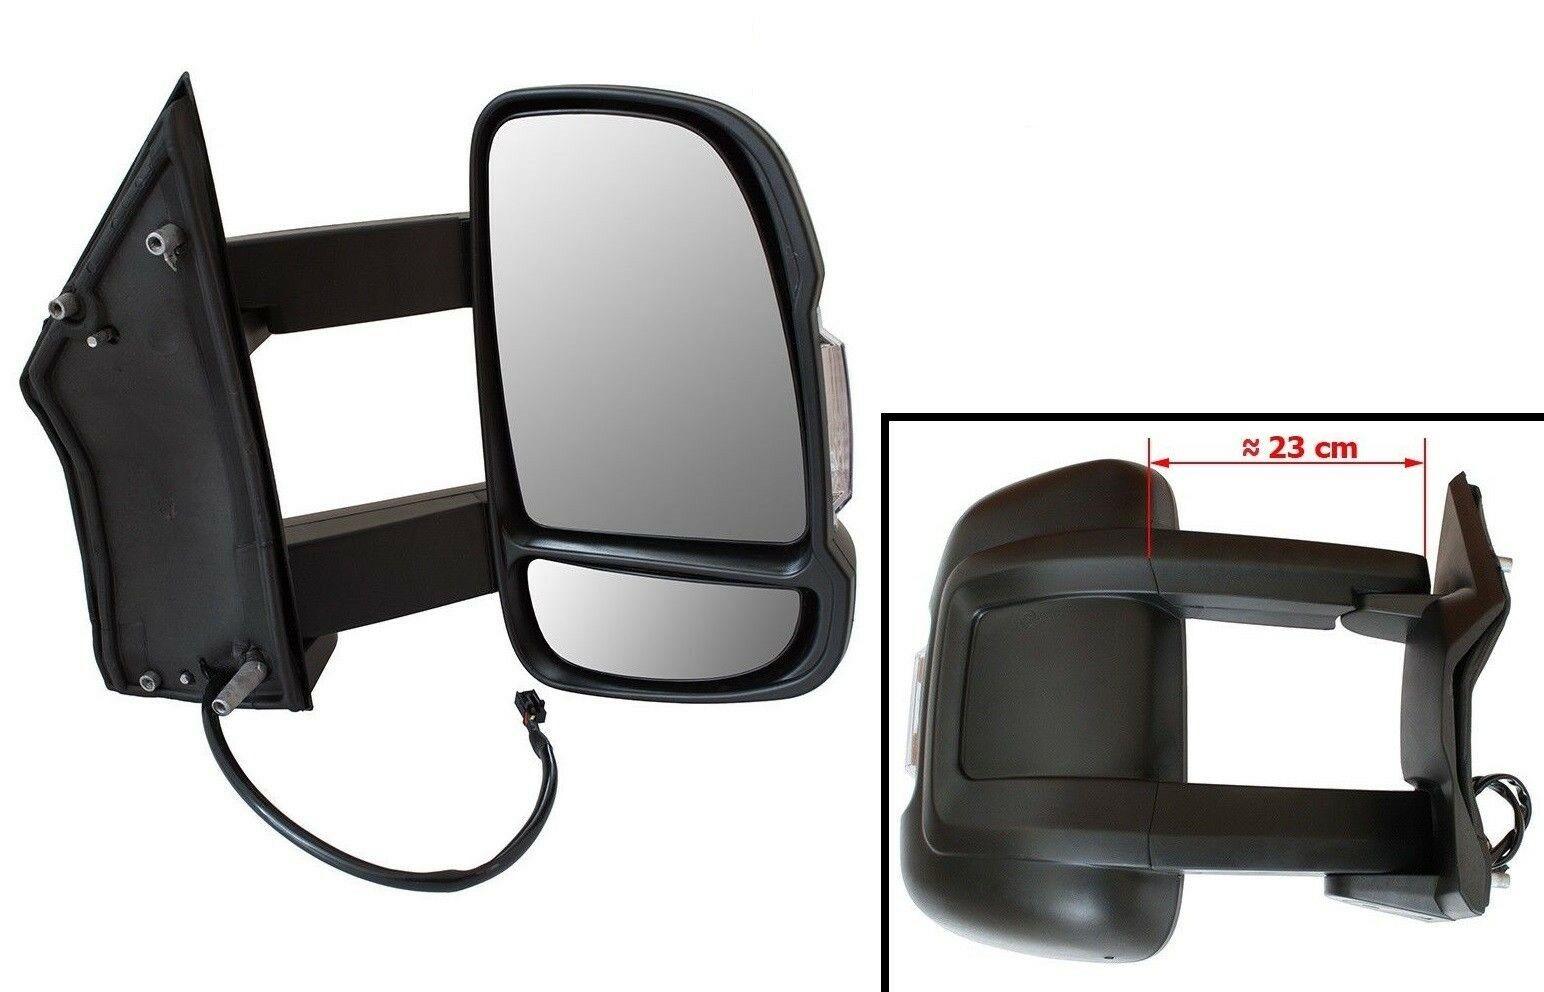 Für Fiat Ductao III 2006 RECHTS Außenspiegel LANG ARM VERSION elektr Wohnmobil